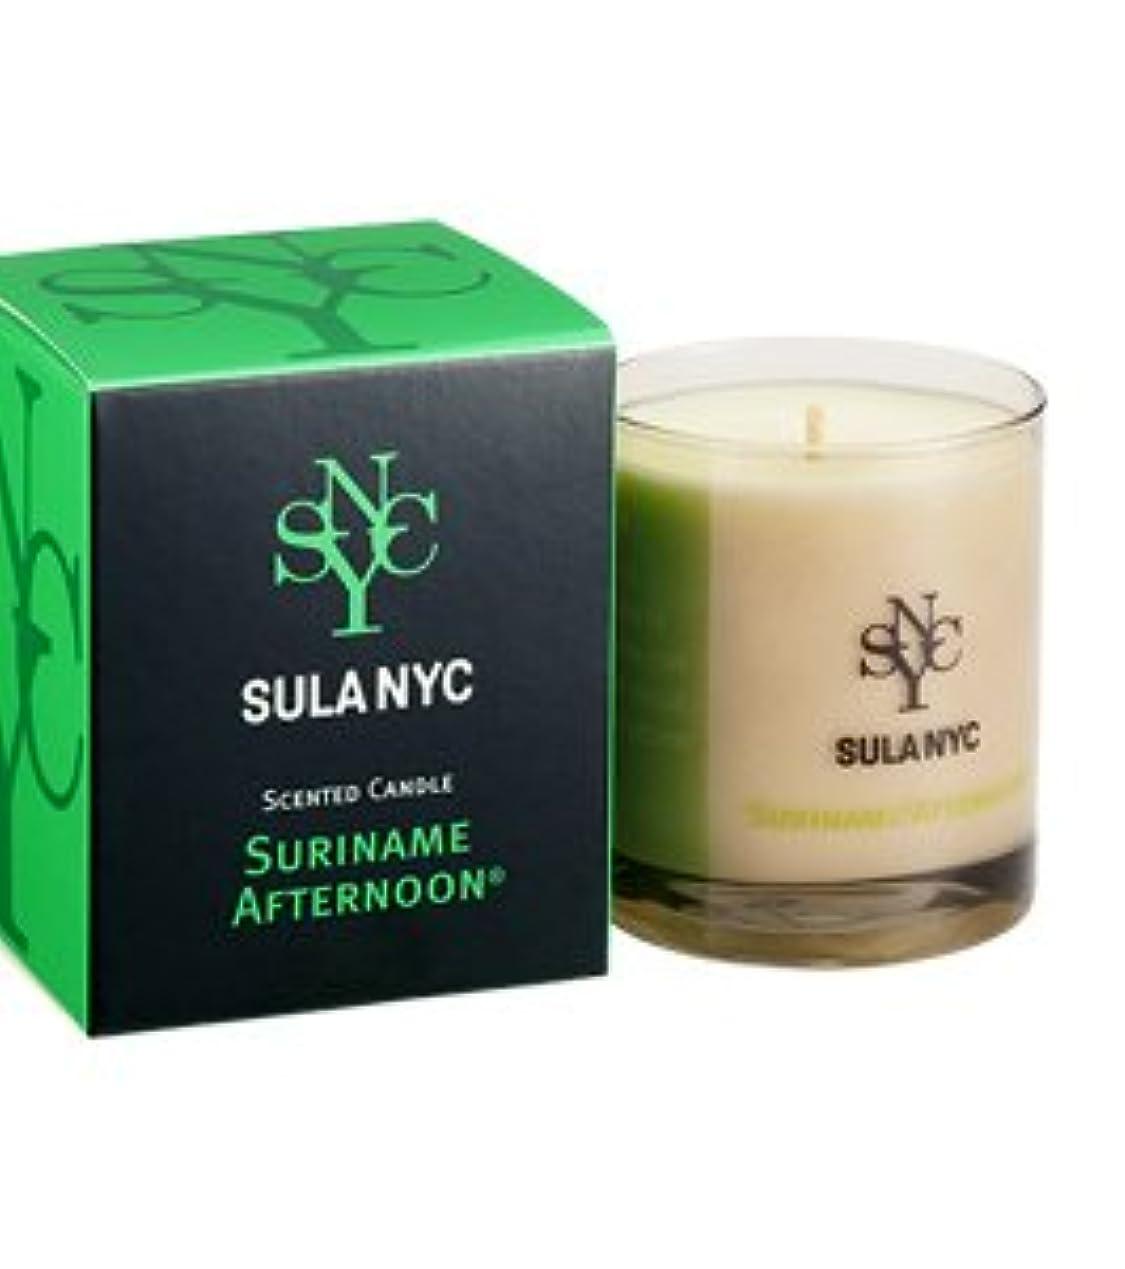 横たわる邪悪なこのSULA NYC CANDLE グラス キャンドル 190g SURINAME AFTERNOON スリナム?アフタヌーン 燃焼時間:約45時間 スーラNYC